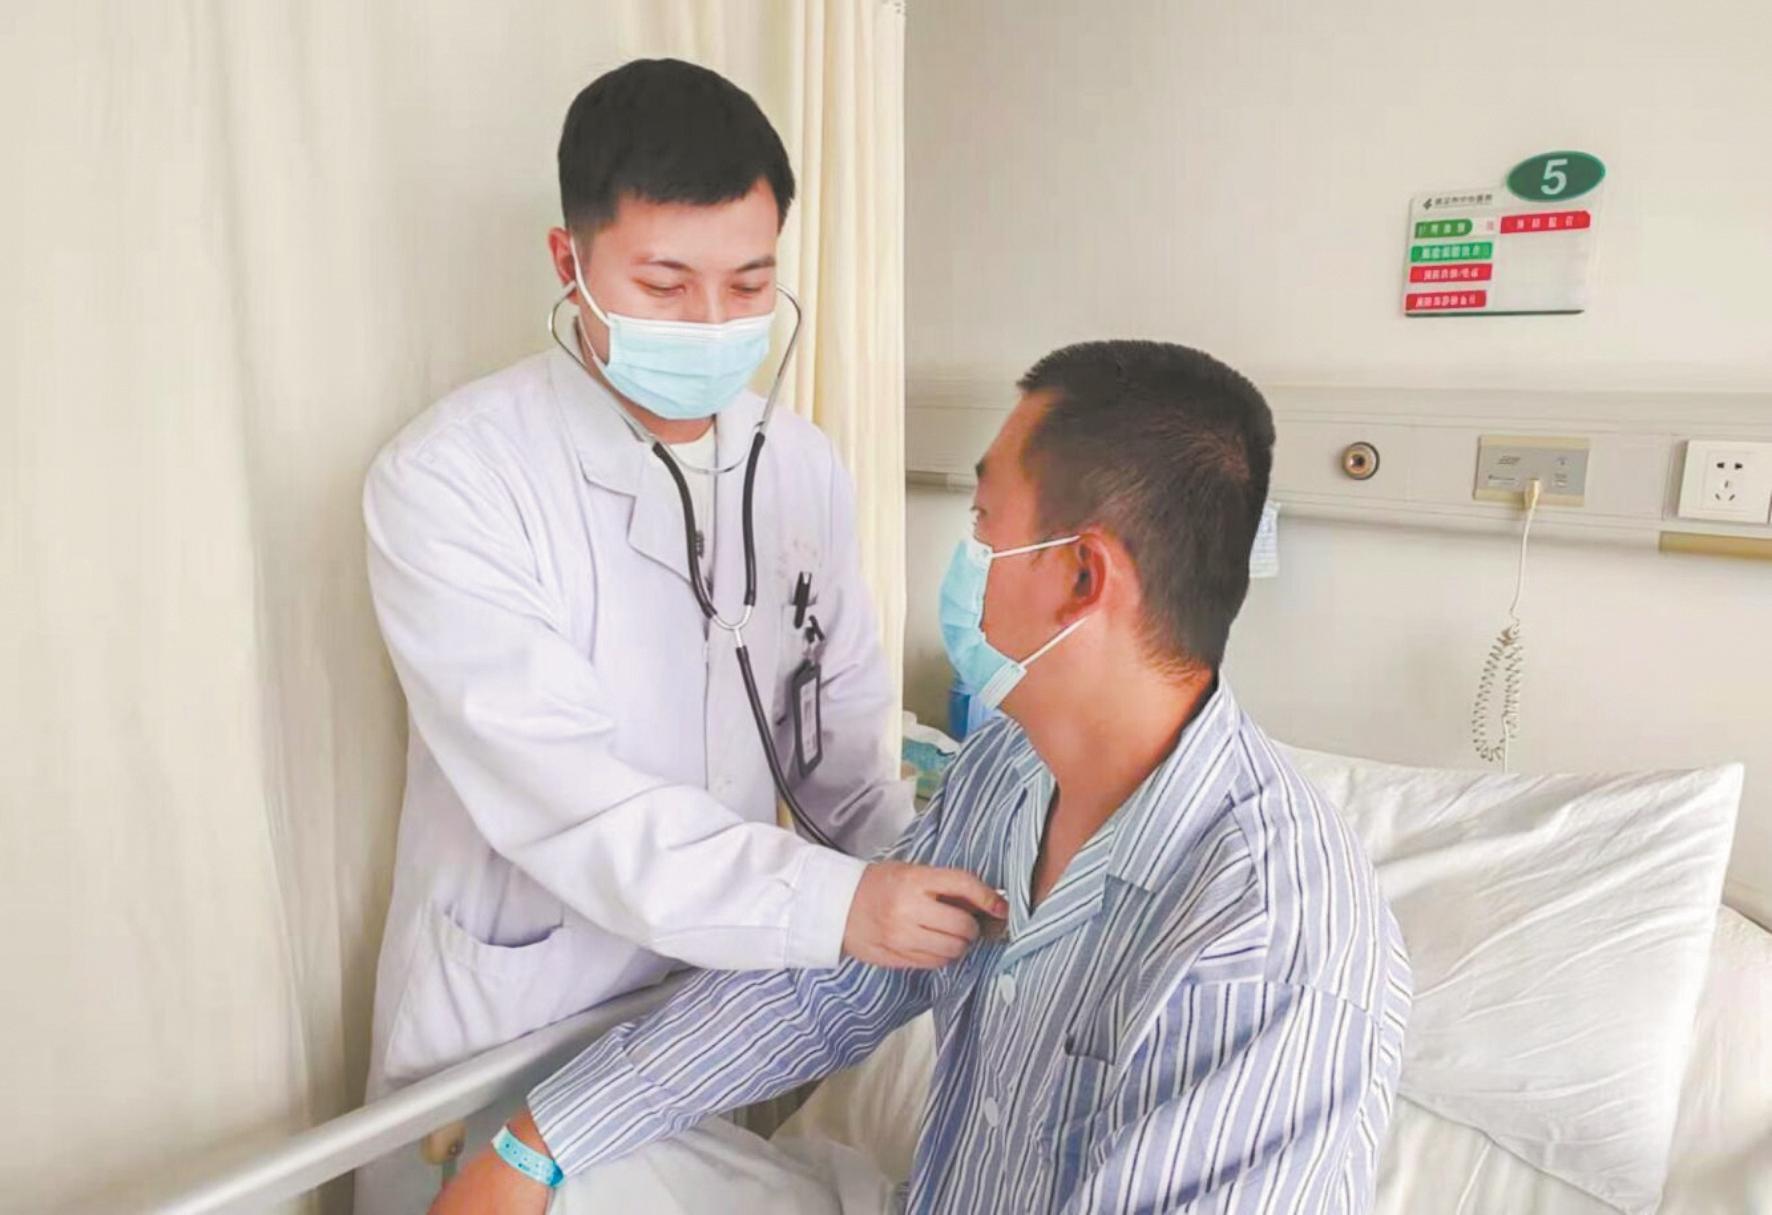 乘客高空中突发气胸病  飞机备降武汉及时送医救治